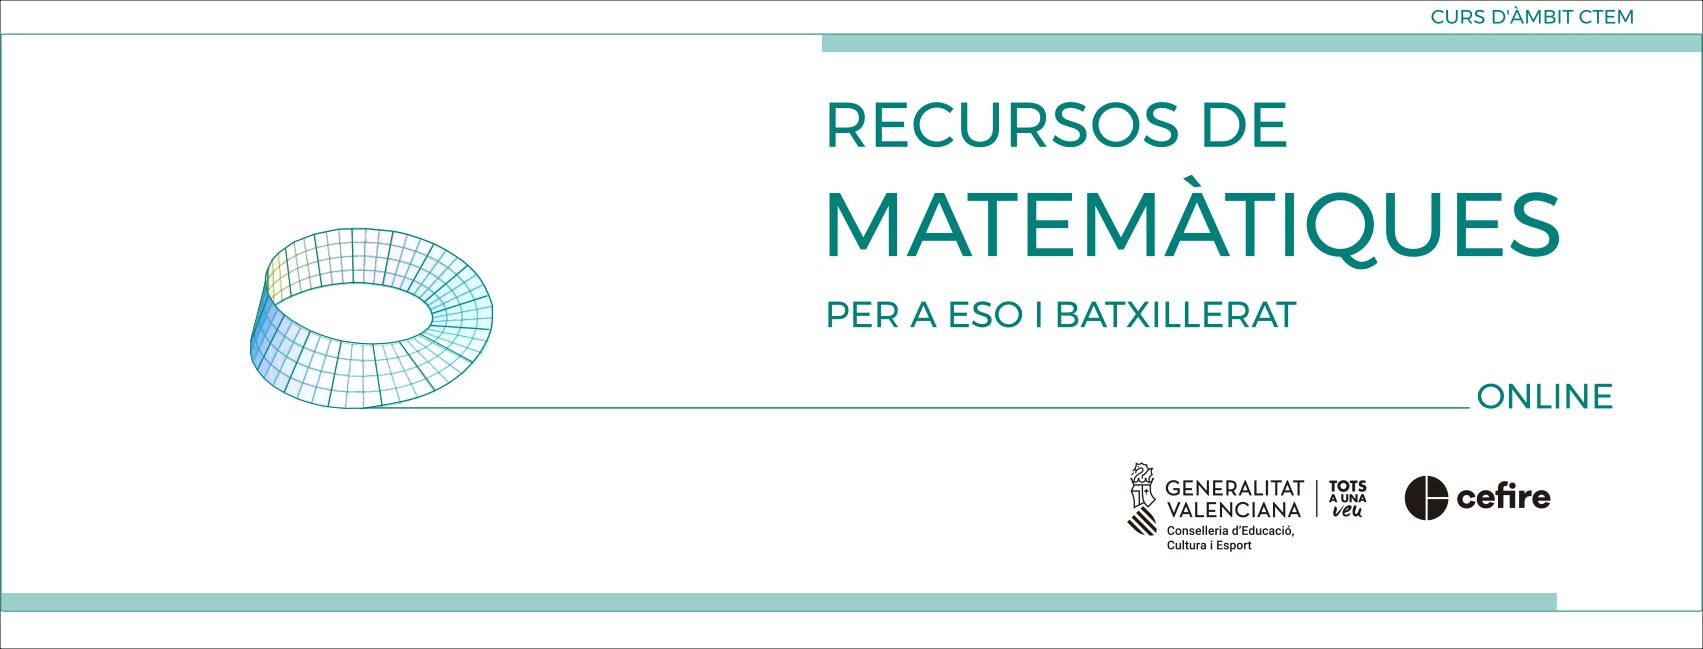 banner RECURSOS DE MATEMÀTIQUES PER A ESO I BATX